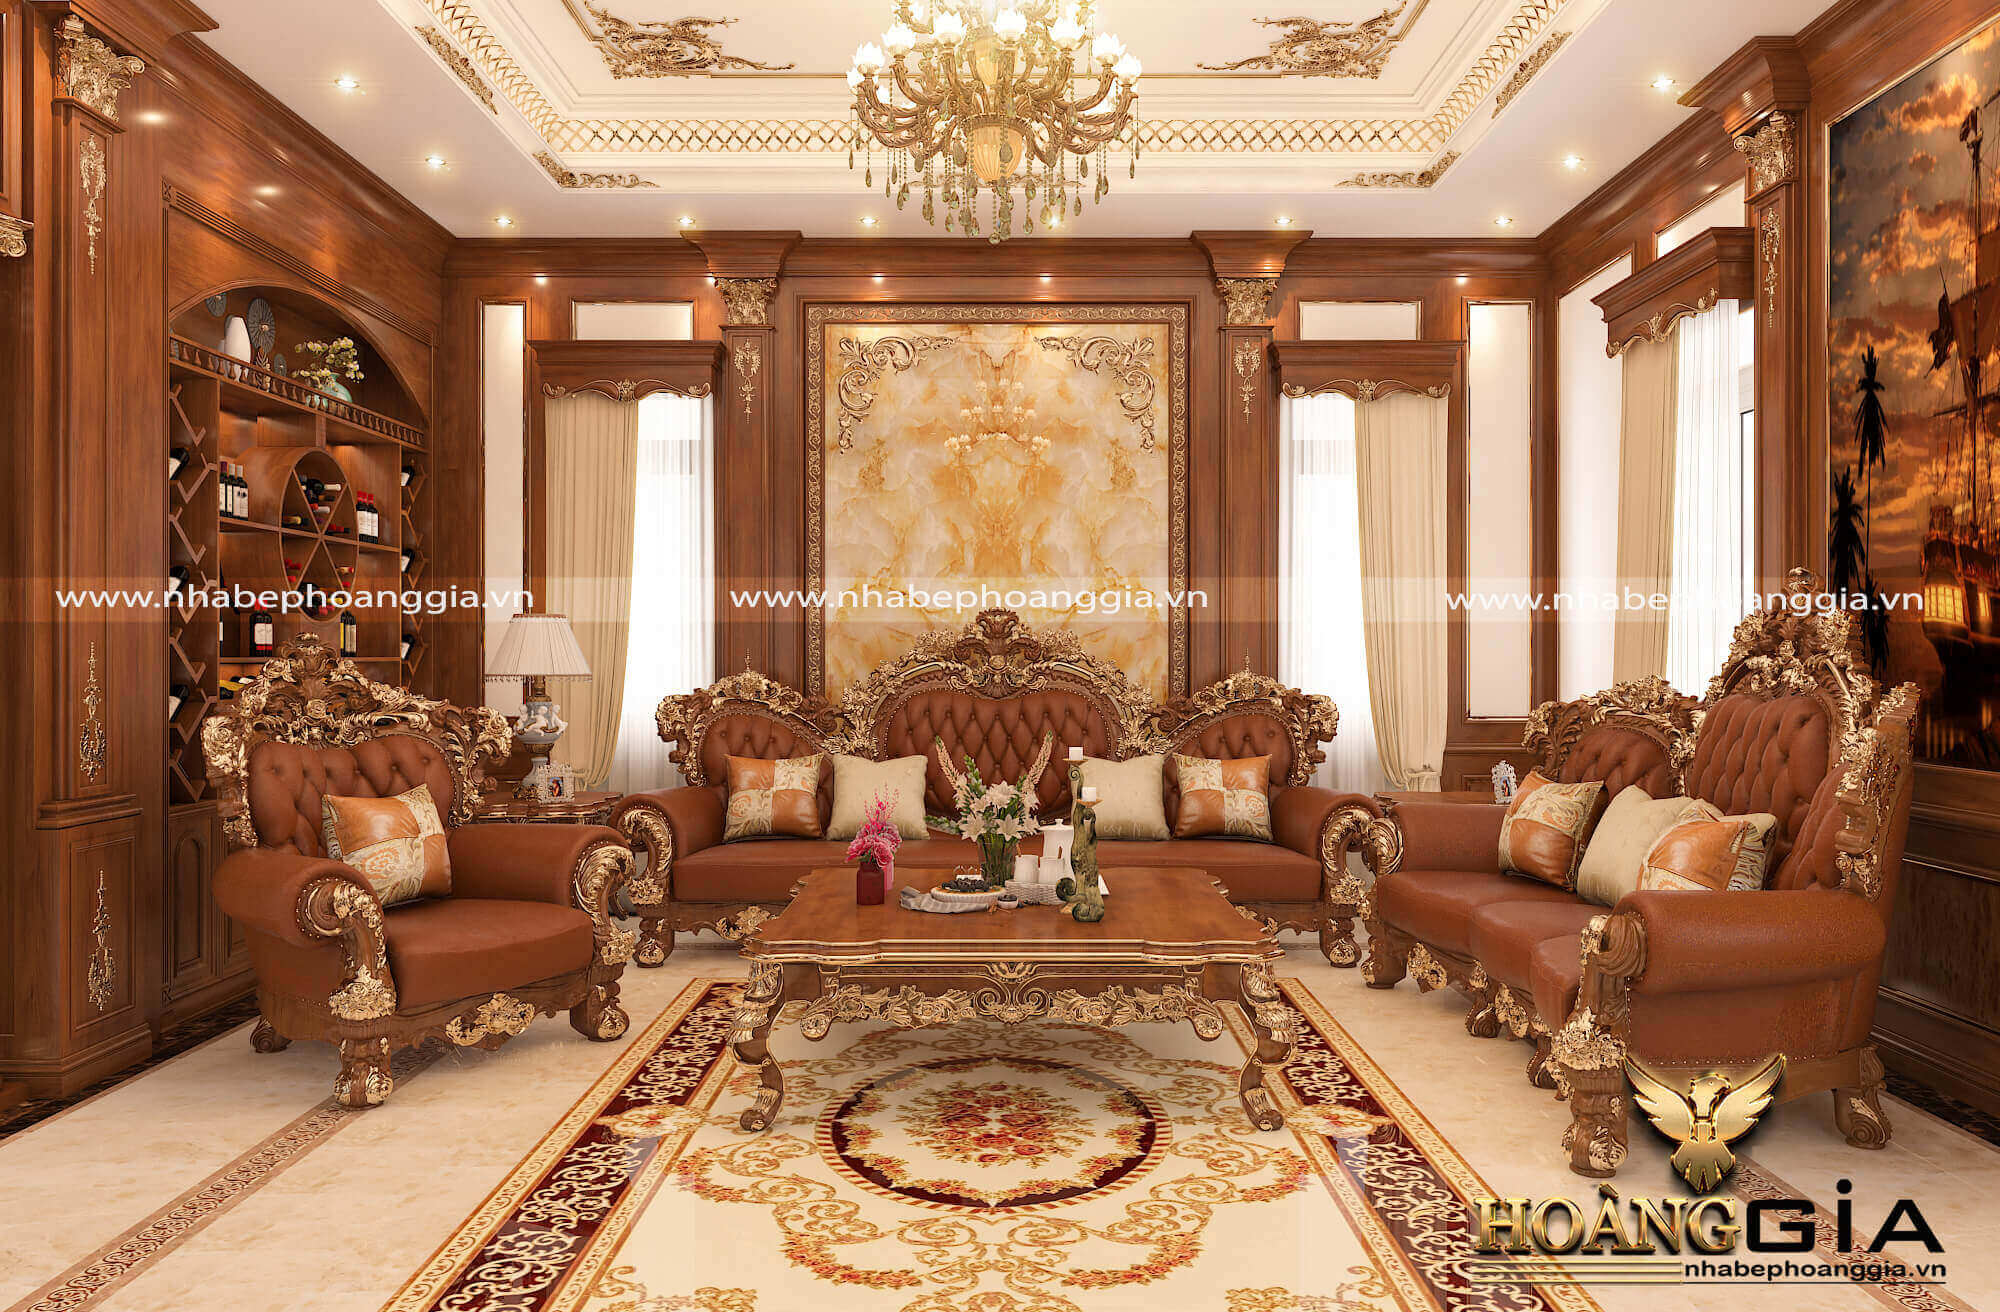 vật liệu trong thiết kế nội thất cao cấp